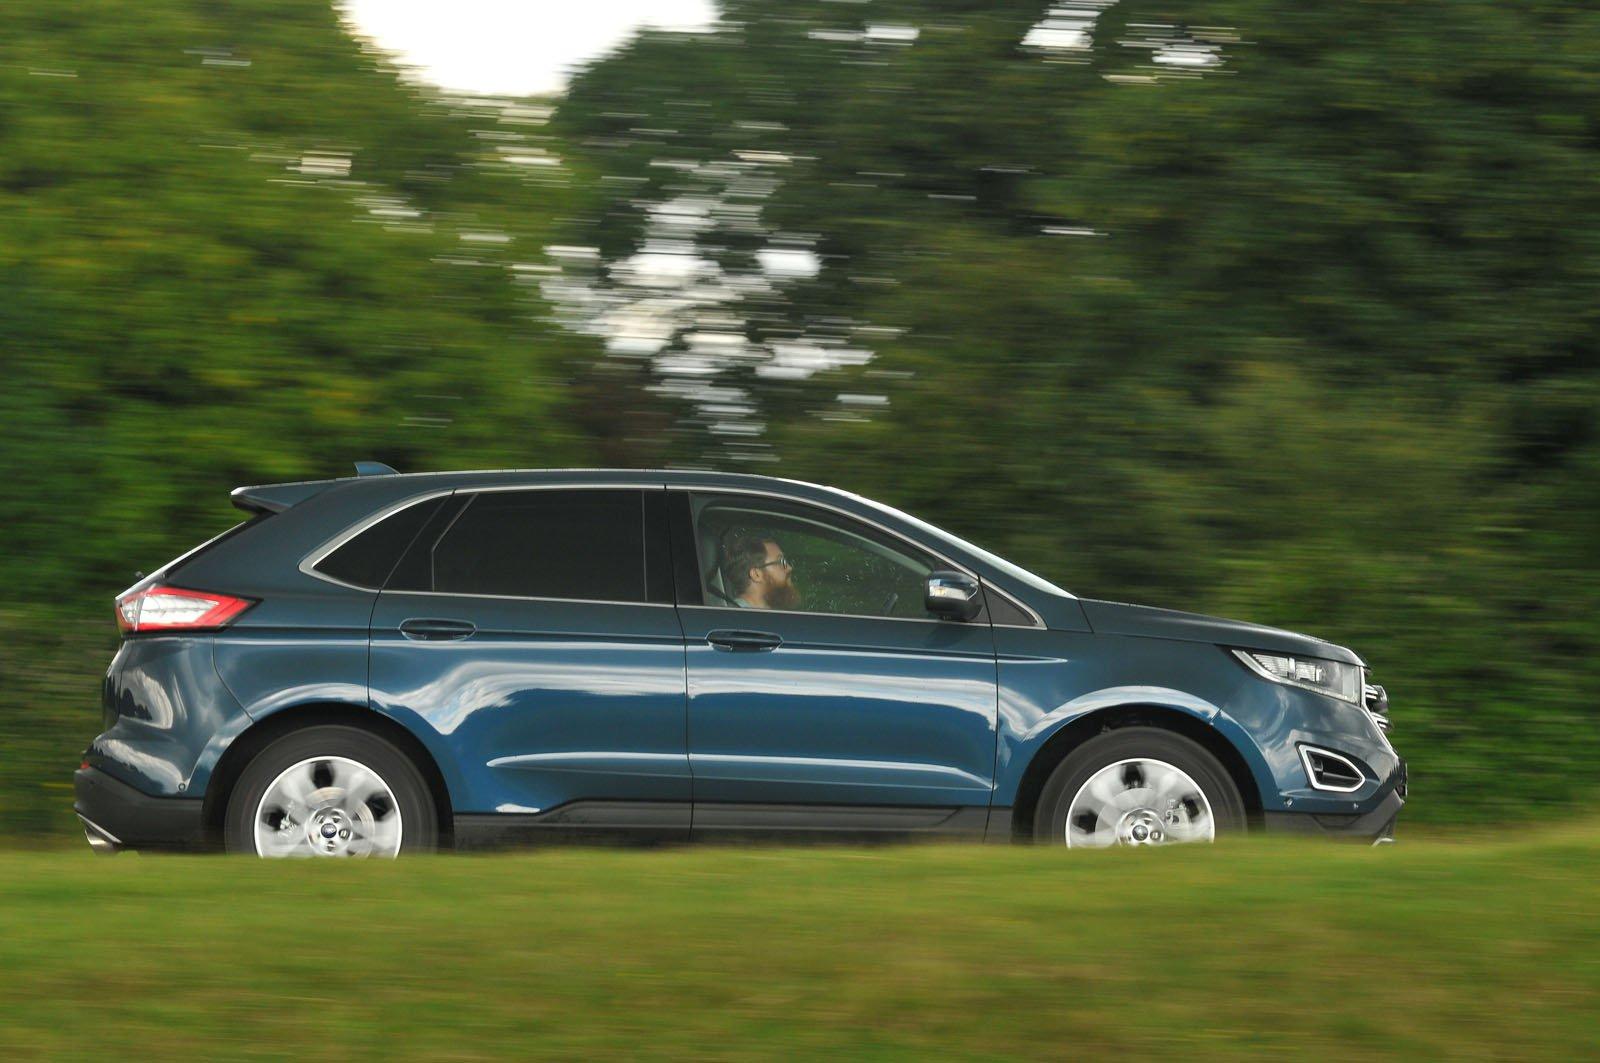 Used Test Ford Edge Vs Kia Sorento